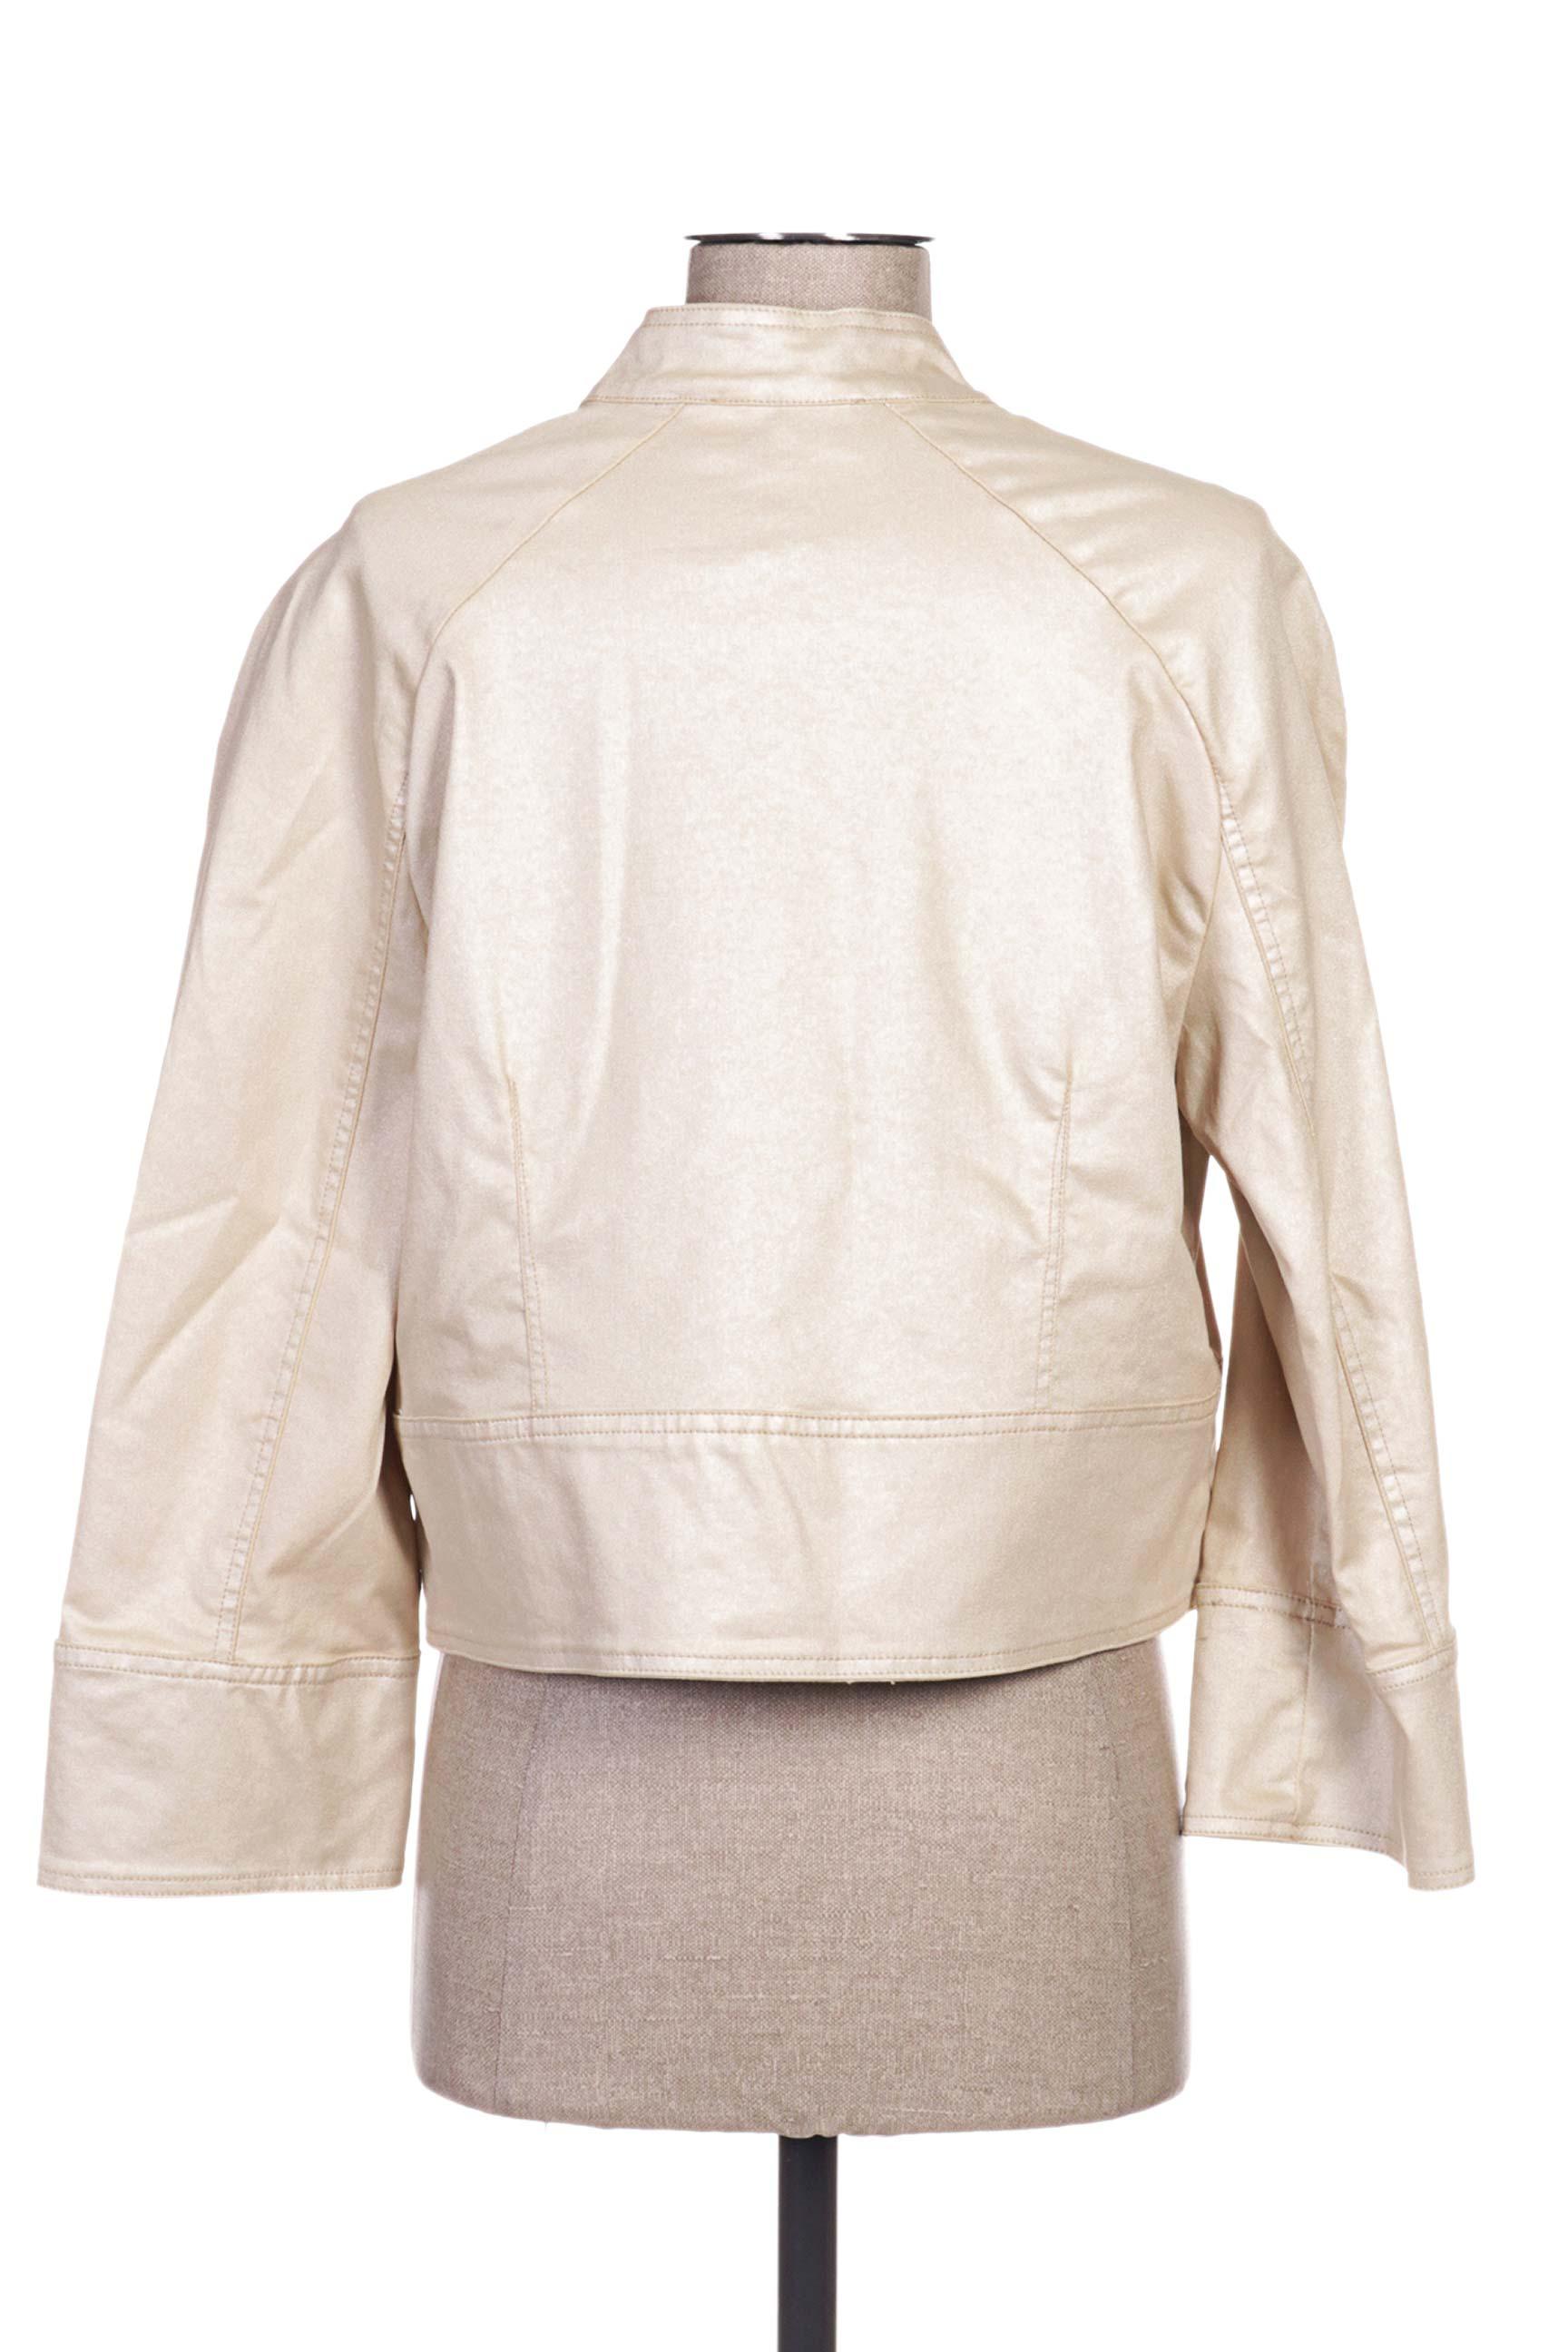 Paul Brial Vestecasual Femme De Couleur Beige En Soldes Pas Cher 1165852-beige0